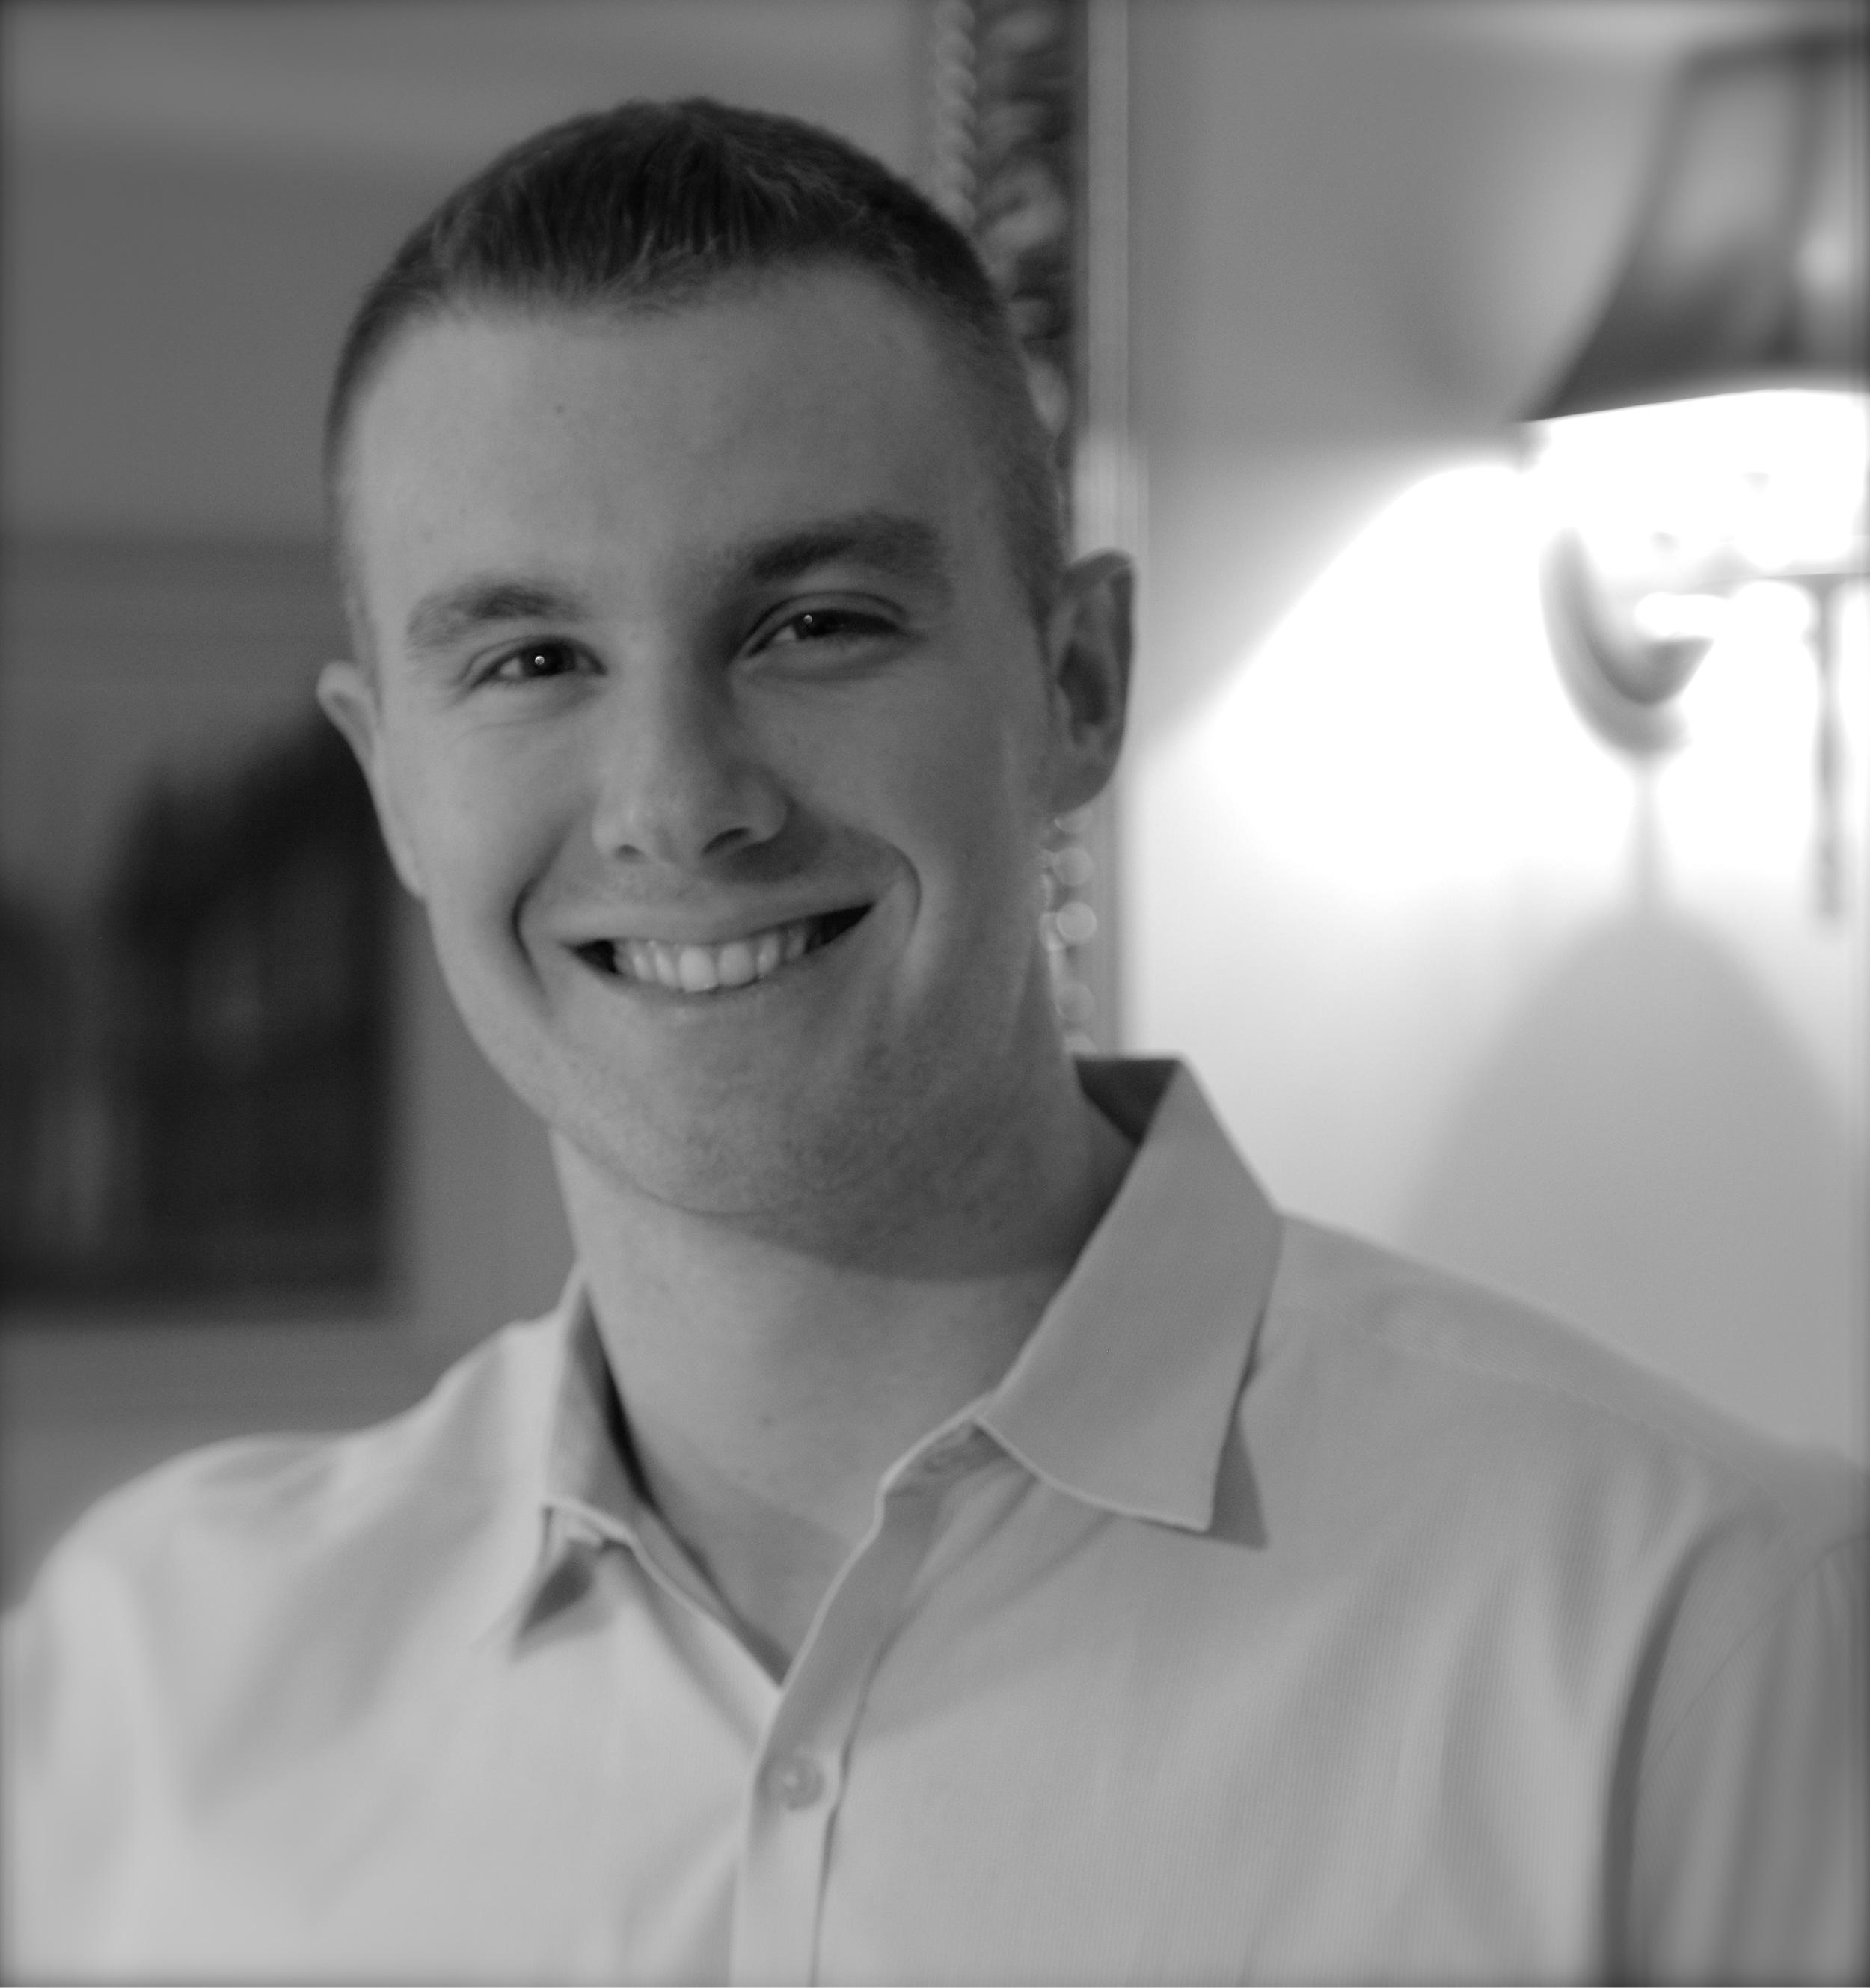 ALEX J.| VP OF SALES & MARKETING